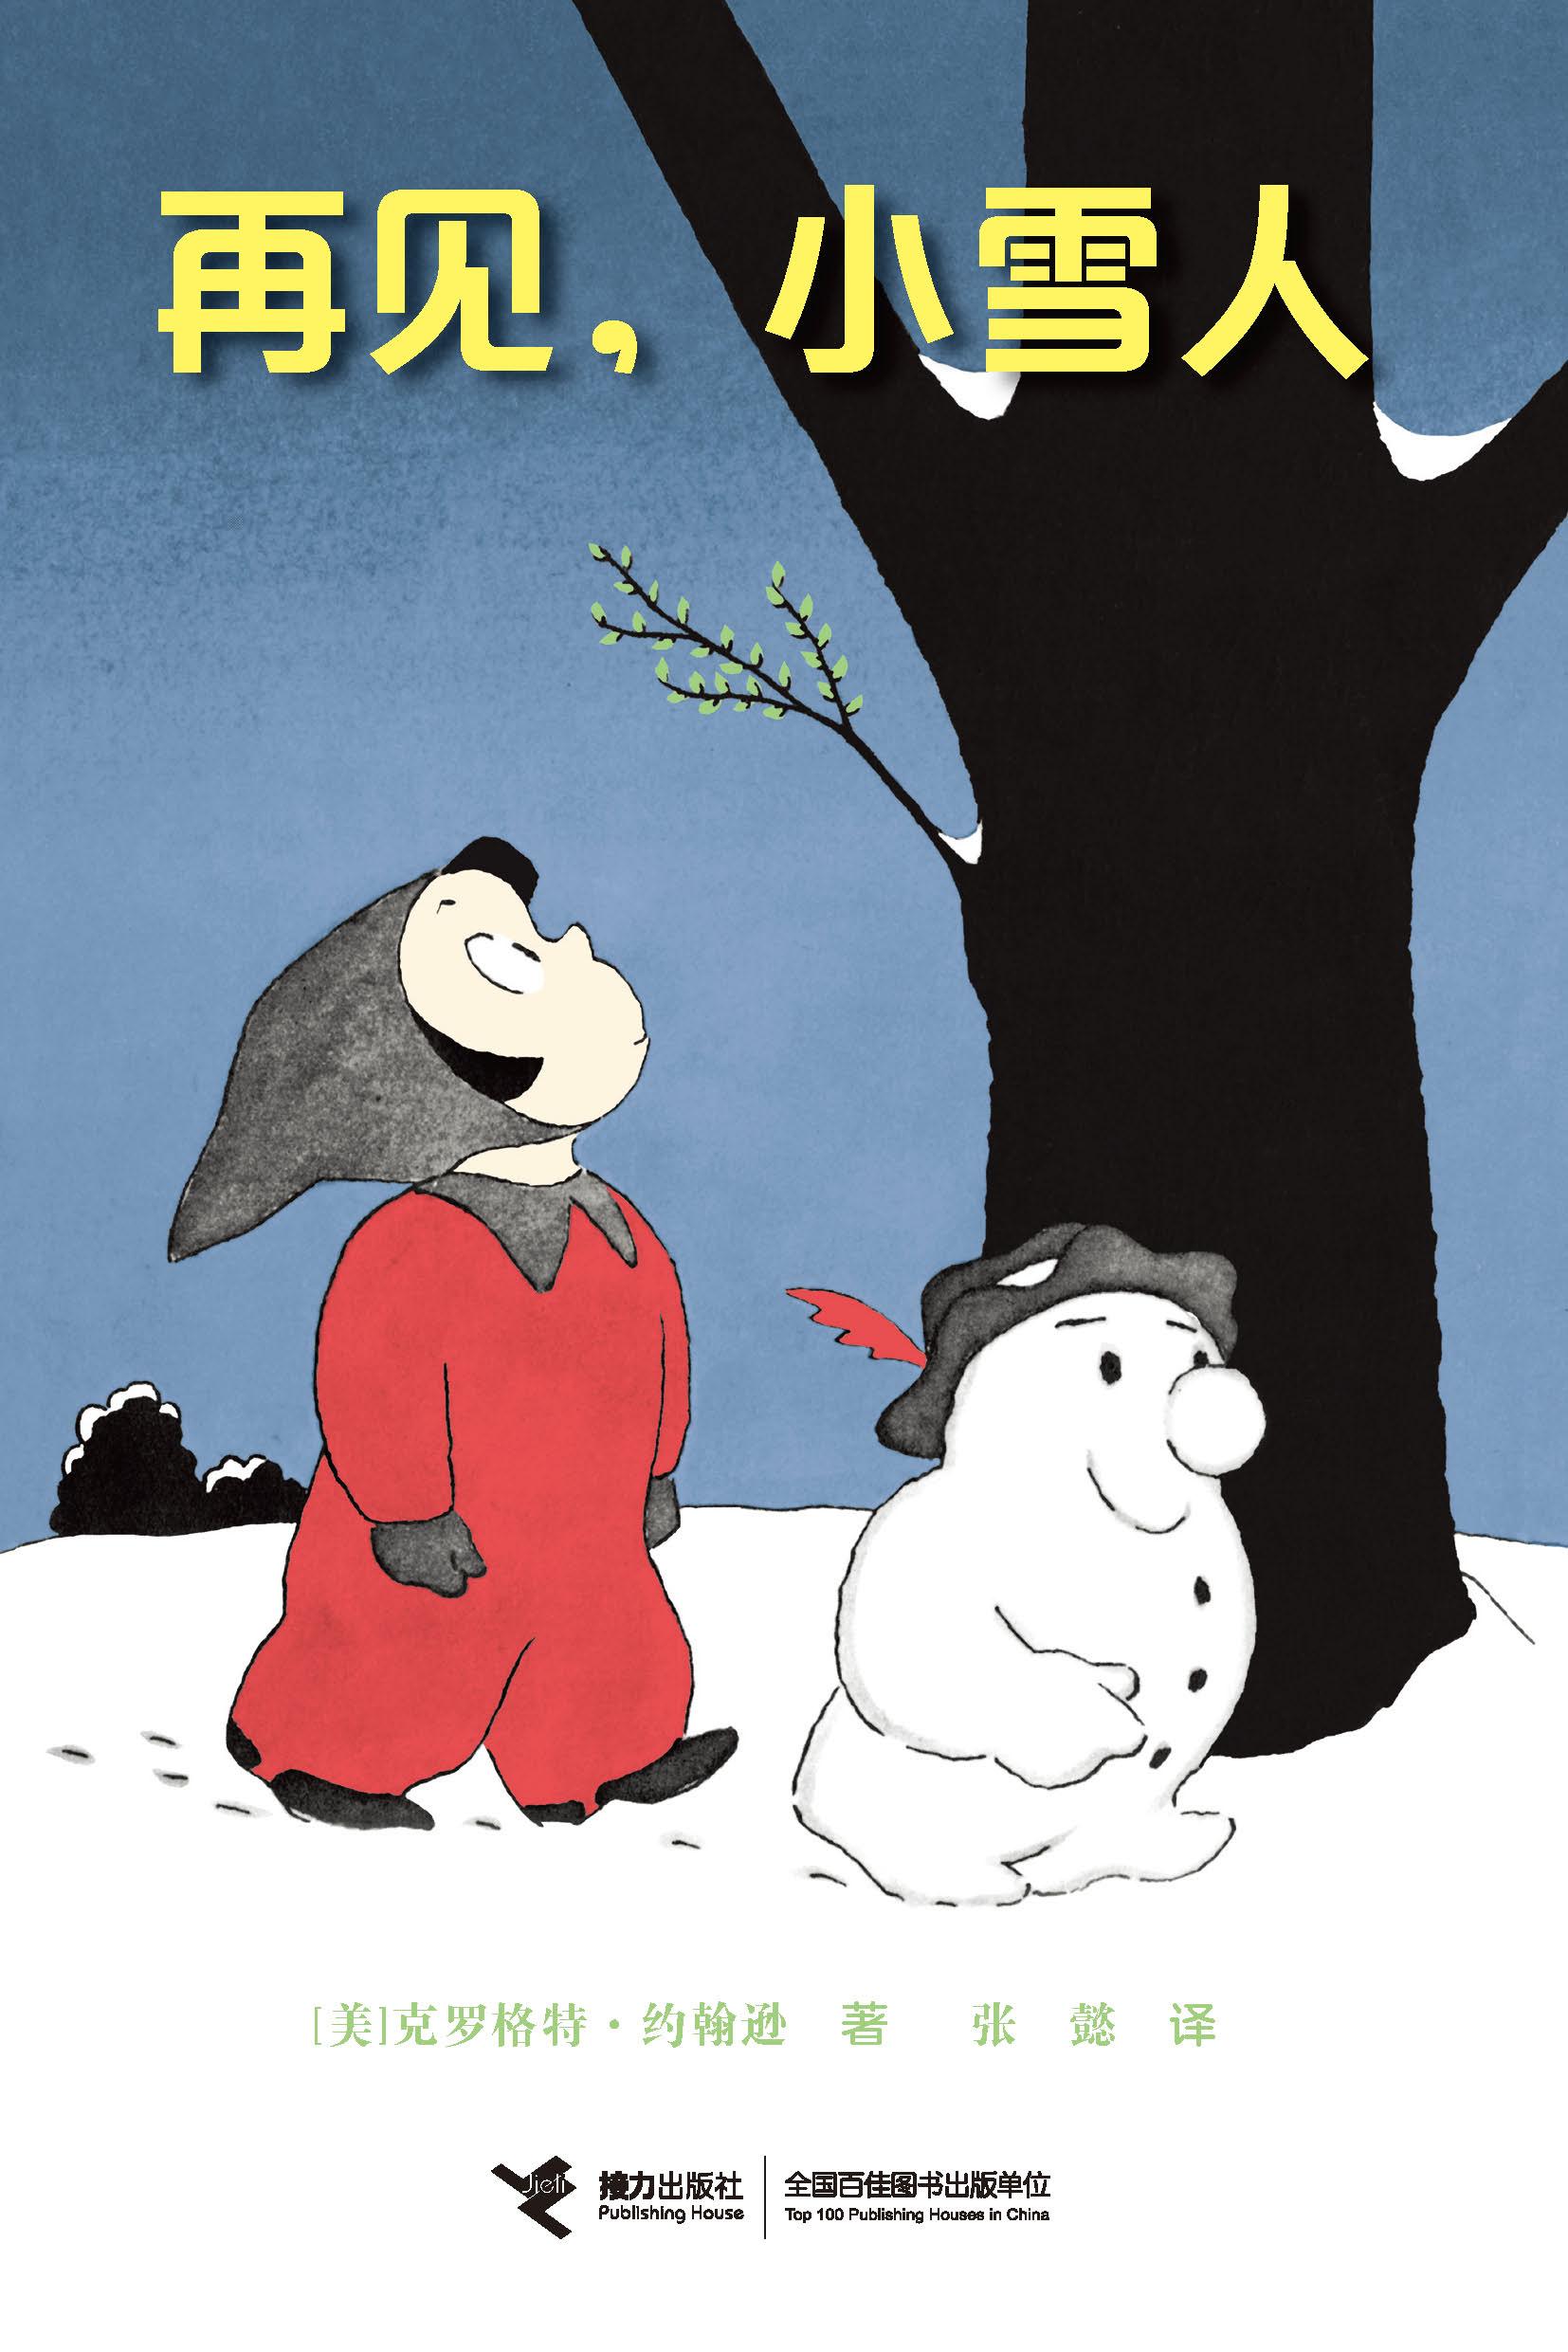 再见,小雪人